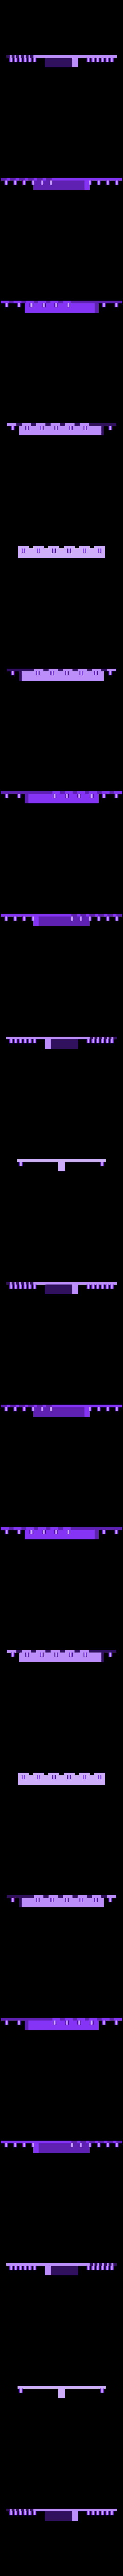 palette pour agglo 2-2.stl Télécharger fichier STL gratuit Palette pour agglo ou parpaing 1/14 • Plan imprimable en 3D, izidor07